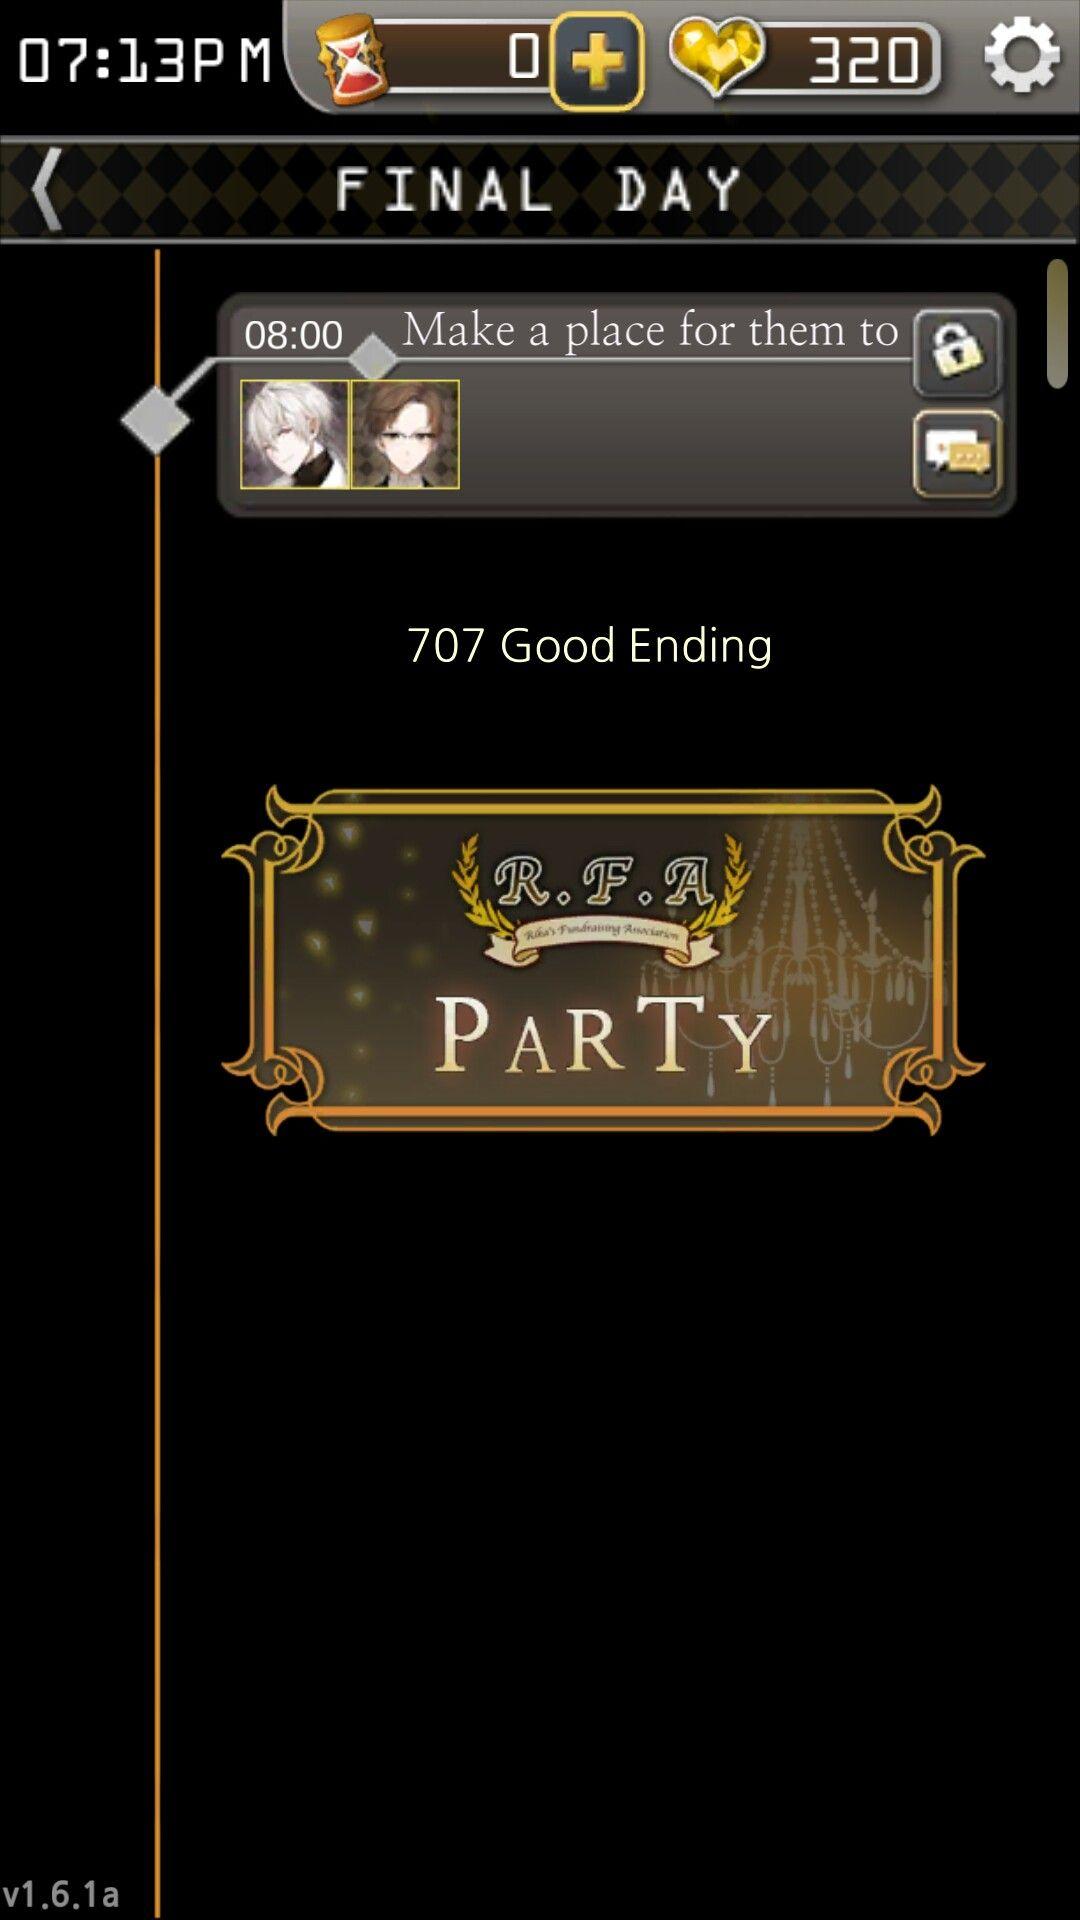 707 good ending